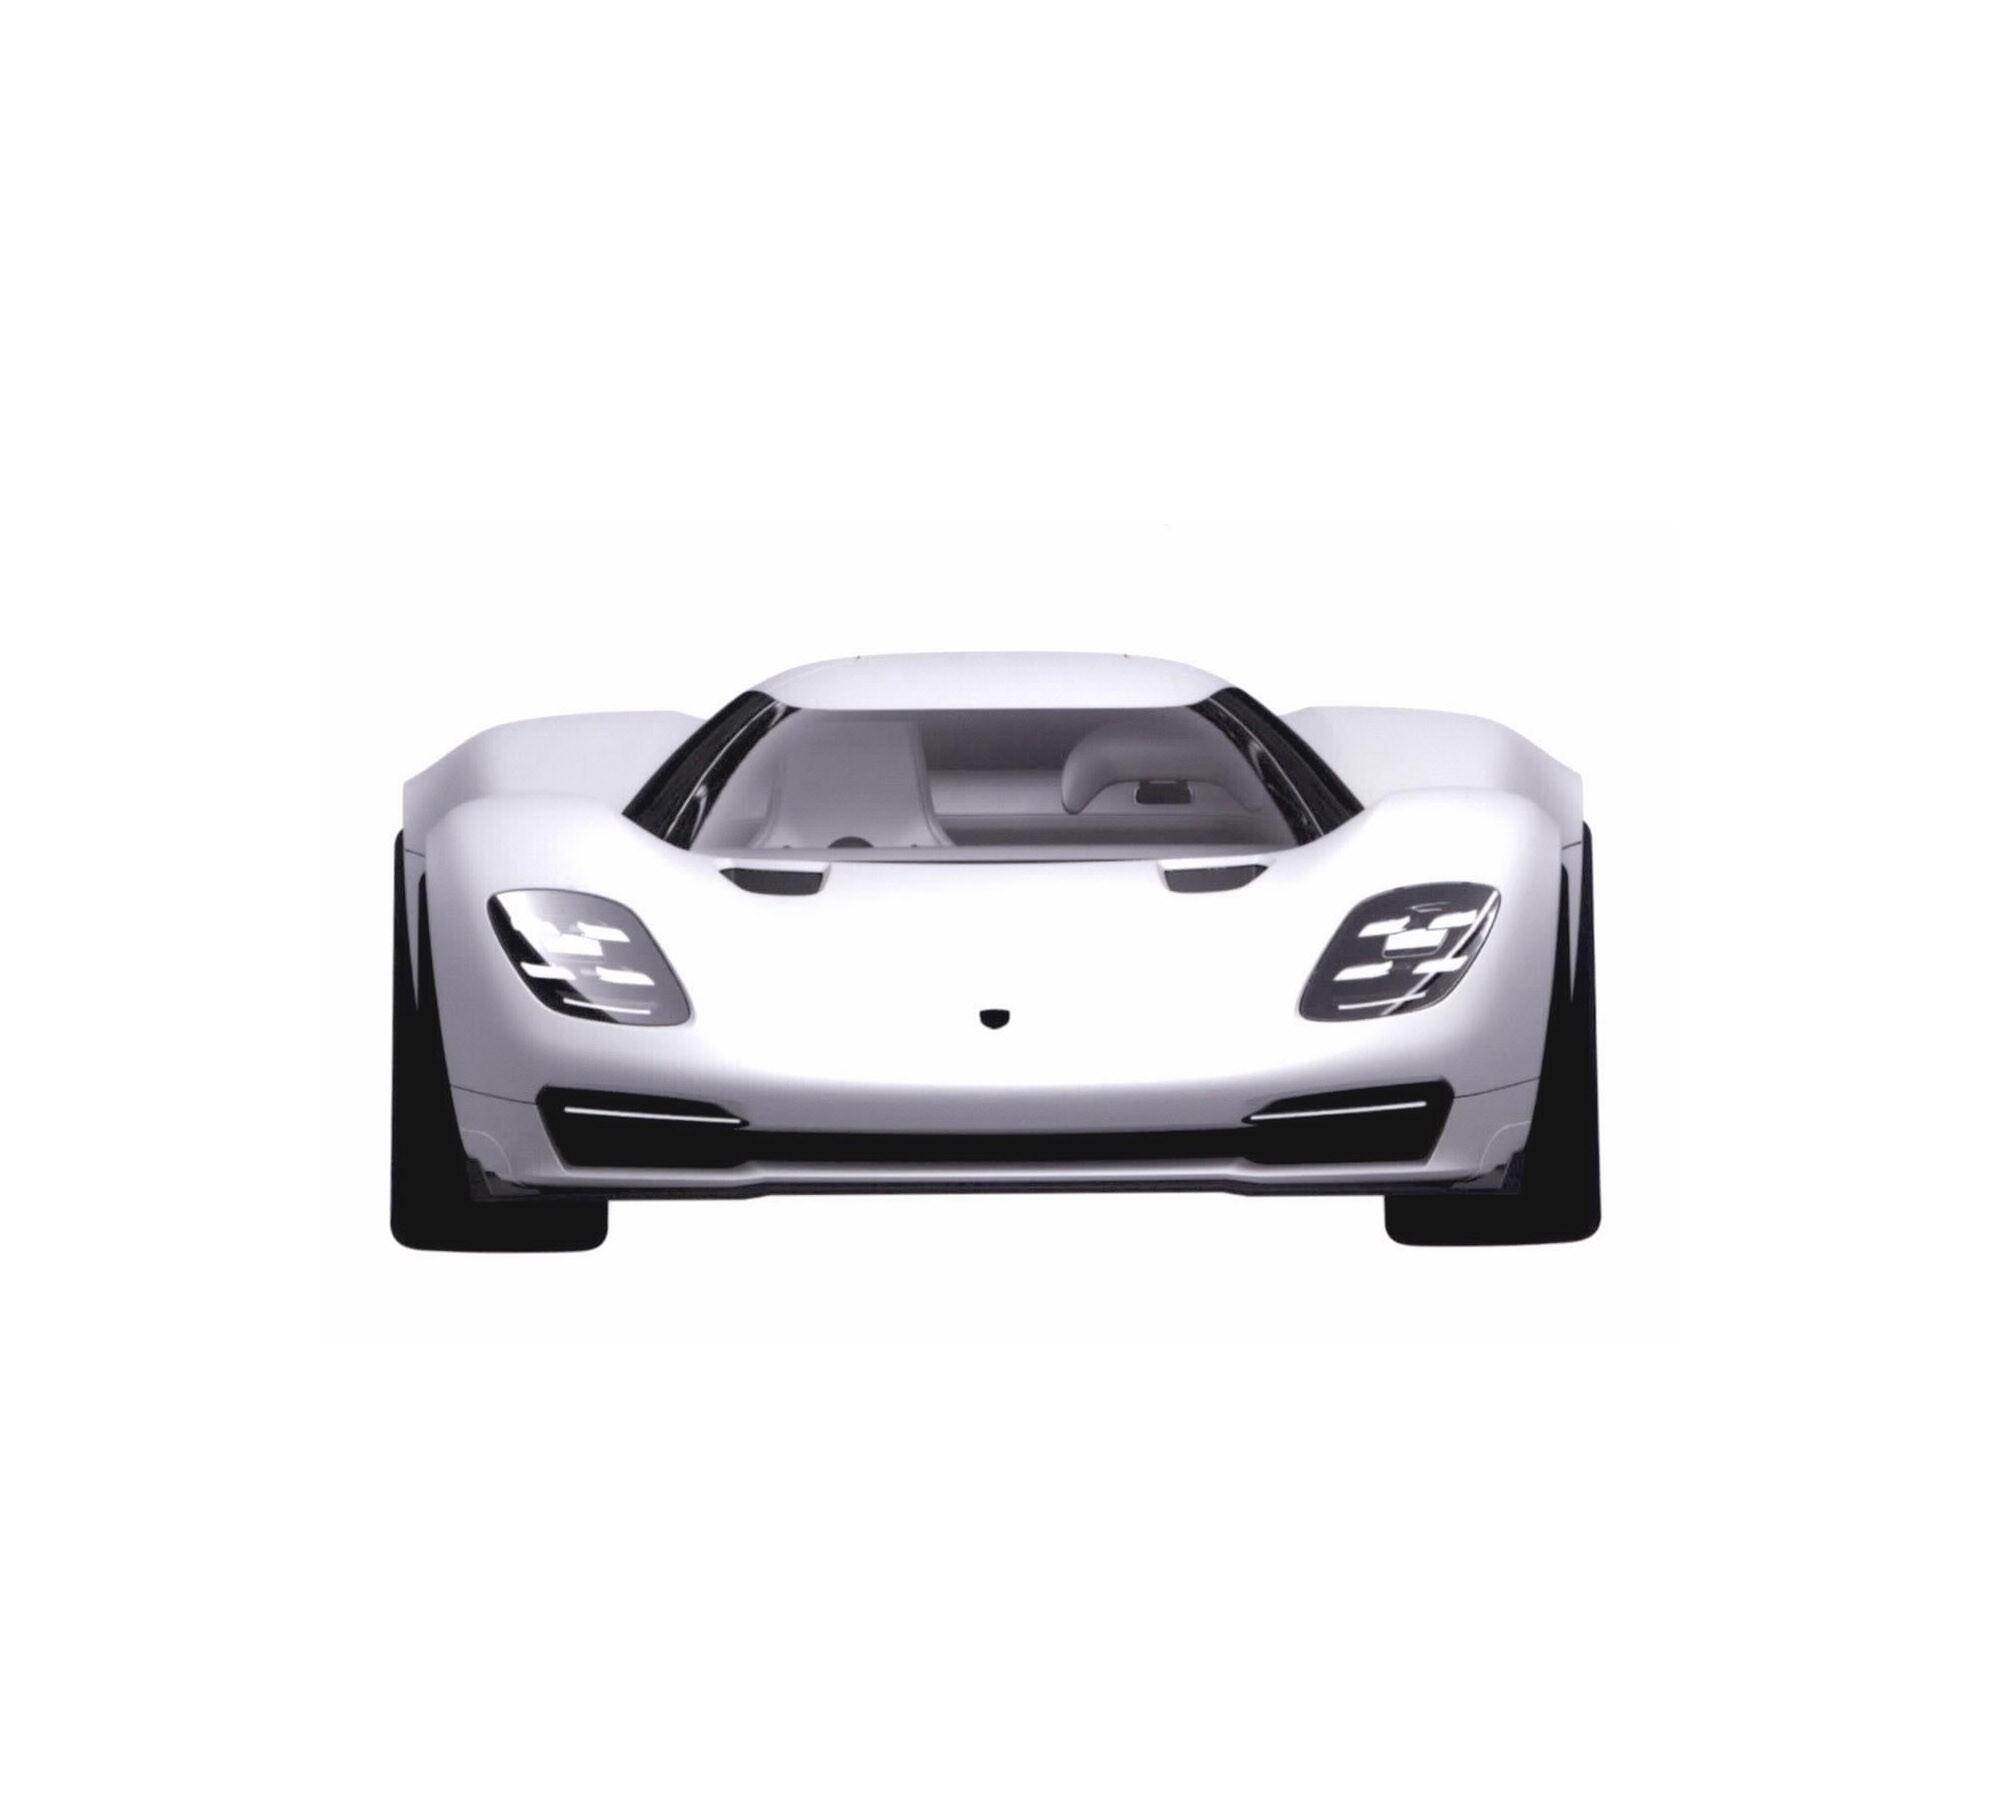 Porsche-918-Spyder-Successor-Patent-Images-4